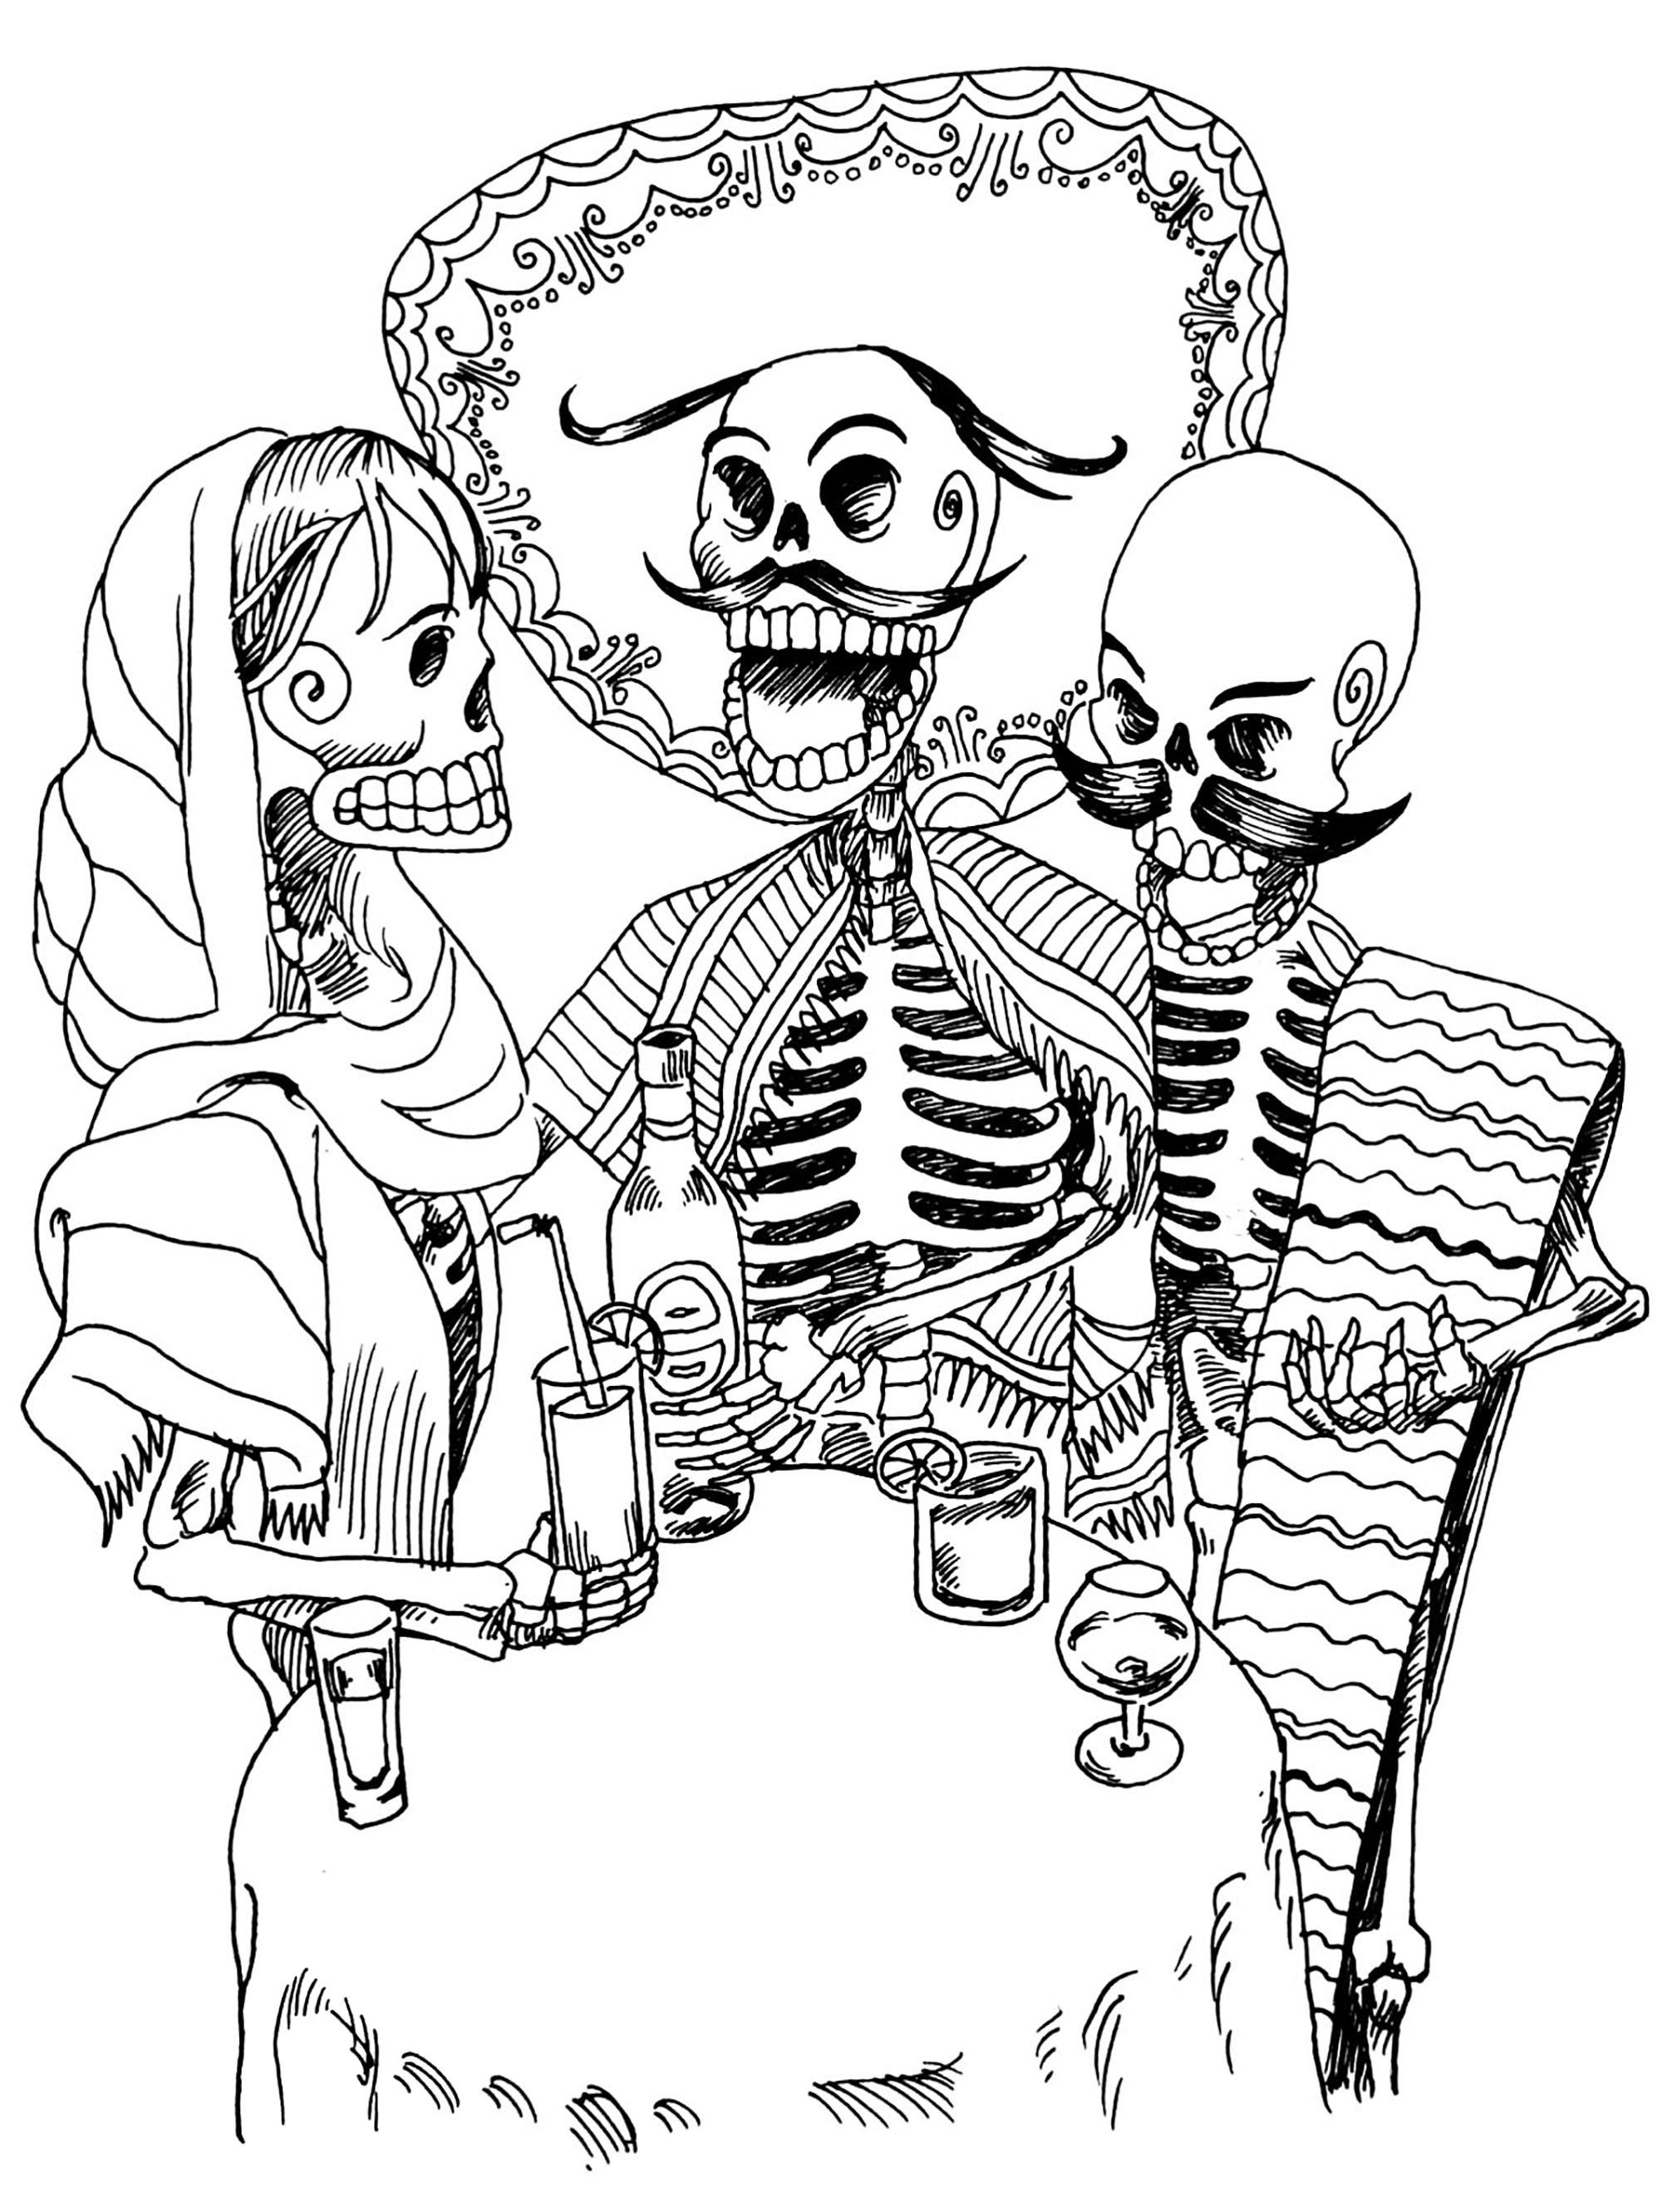 El Dia De Los Muertos 61405 - El Día De Los Muertos encequiconcerne Squelette A Imprimer